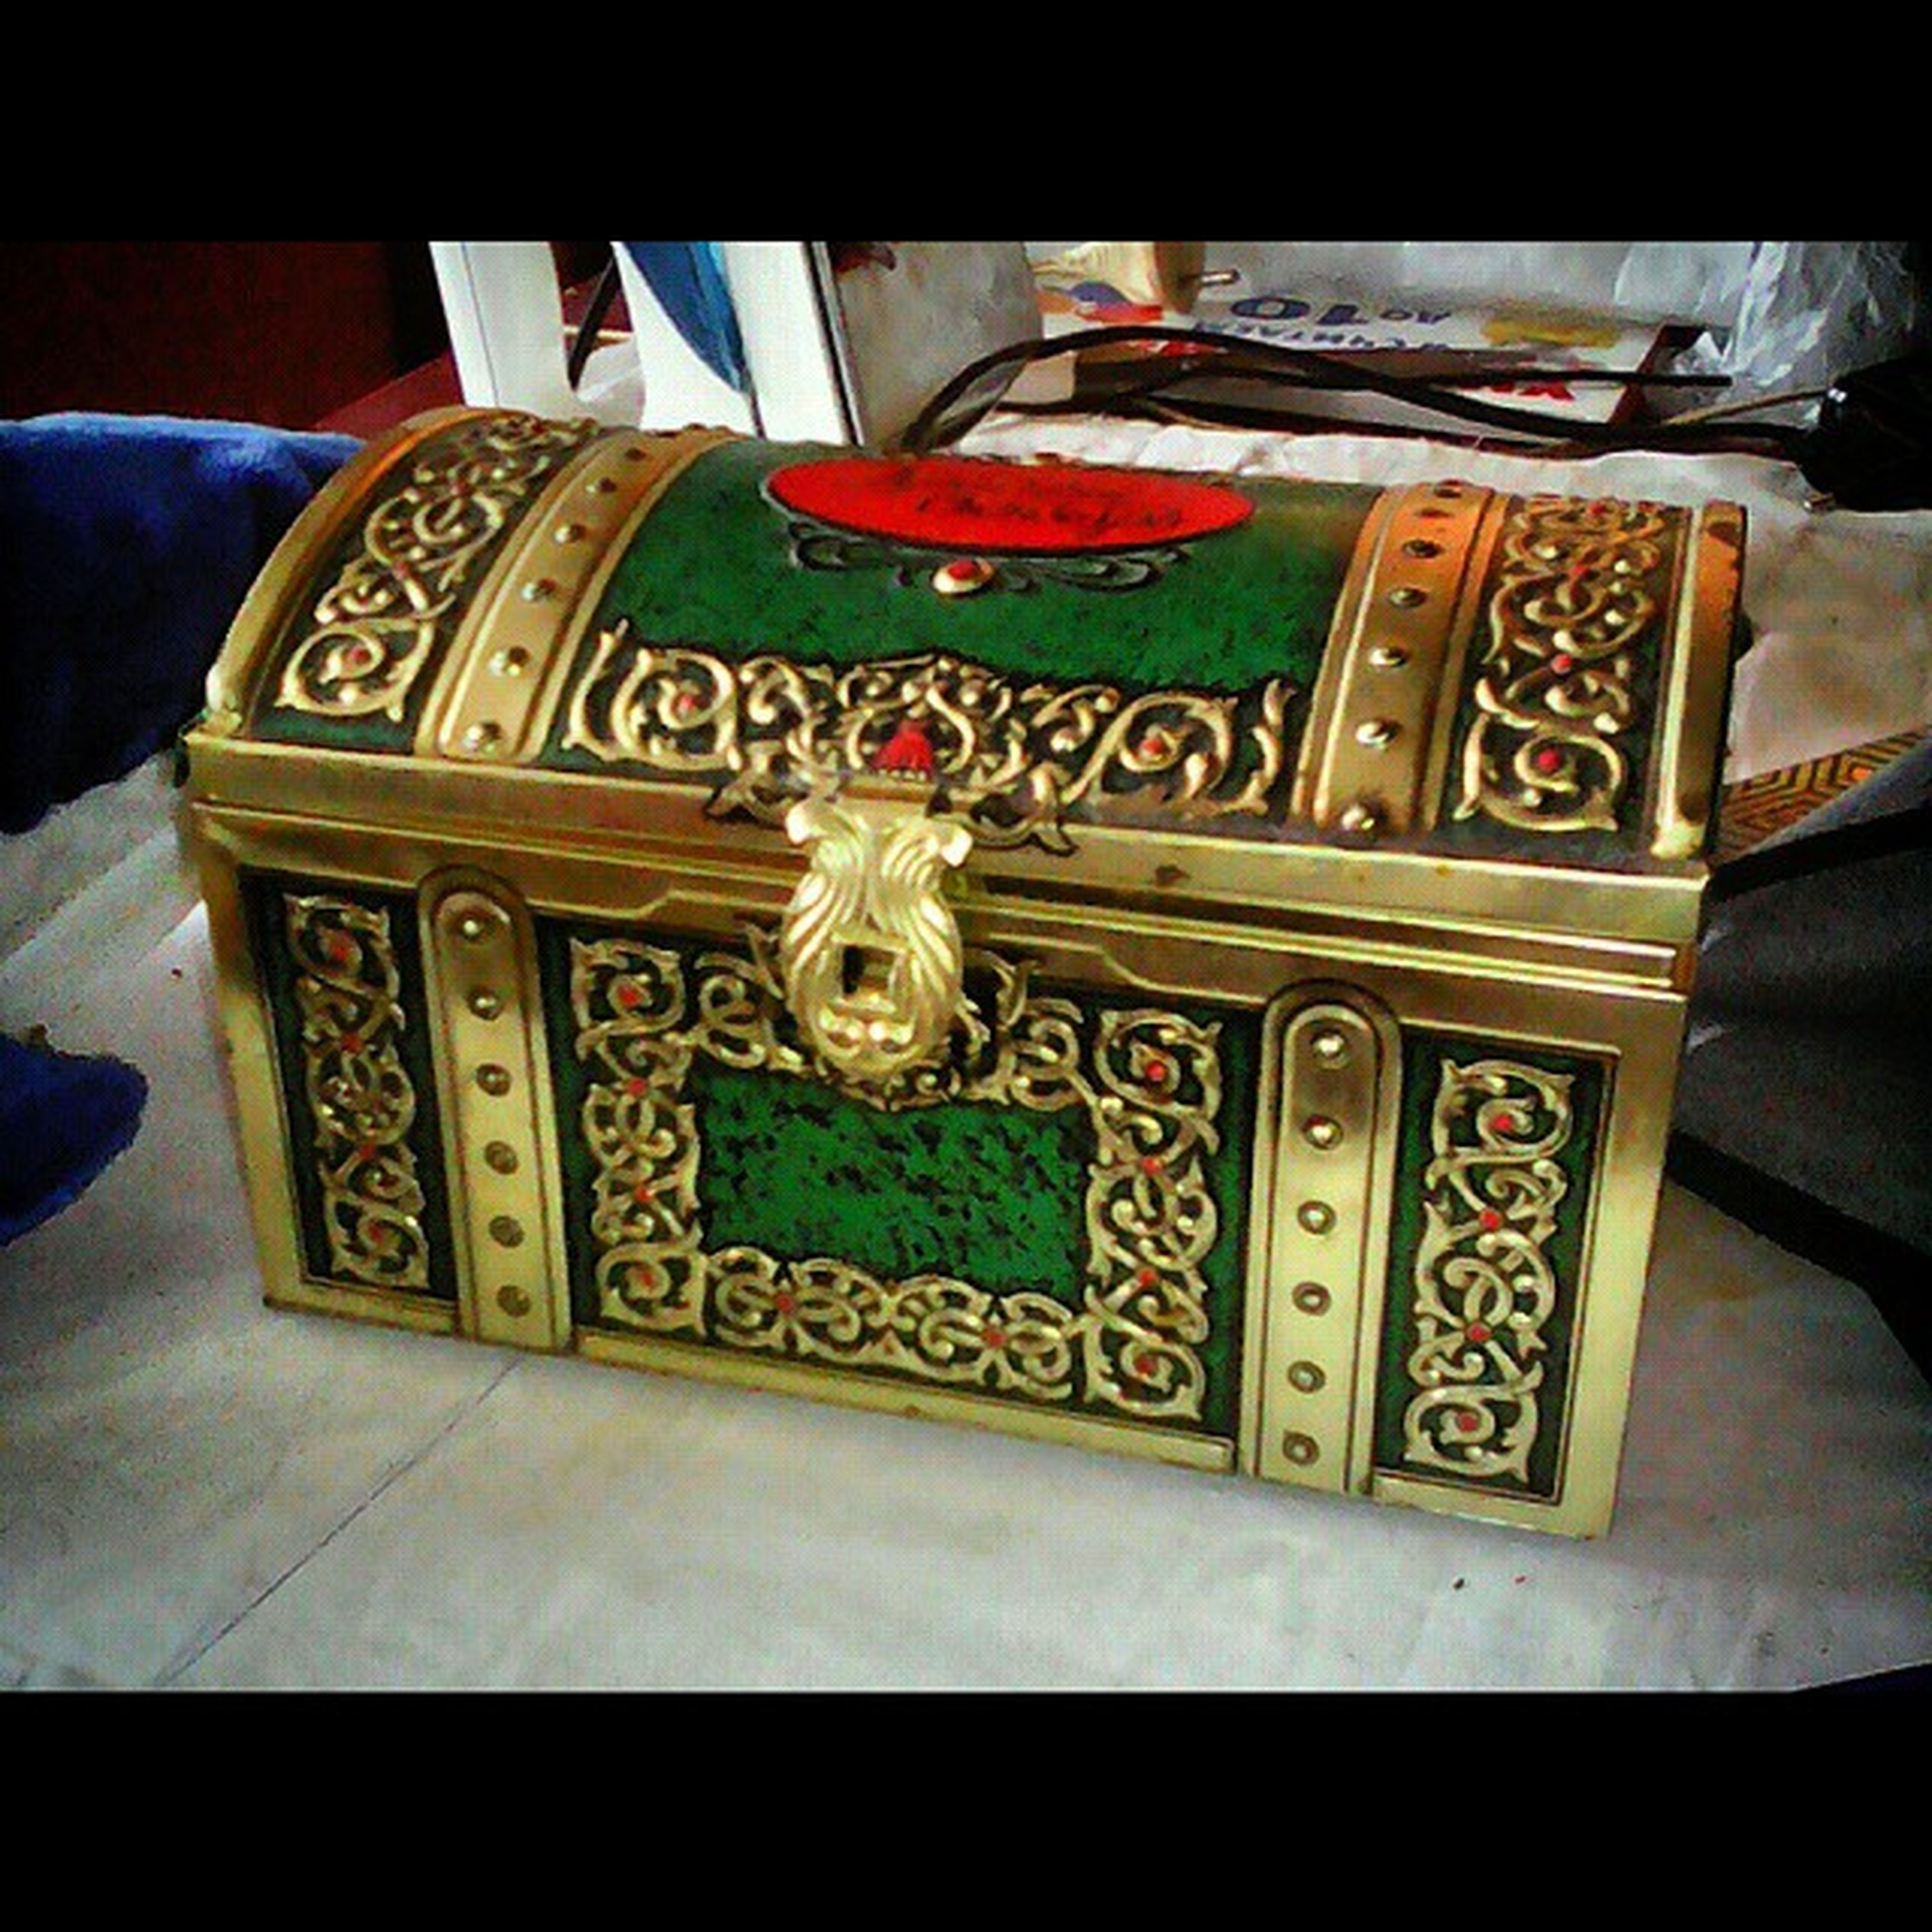 Squareinstapic СундучокДляРукоделия ПодарокОтКрестной Сундучок Рукодельницы МилостиПриятности ОтКрестной RedOctober Present Gift